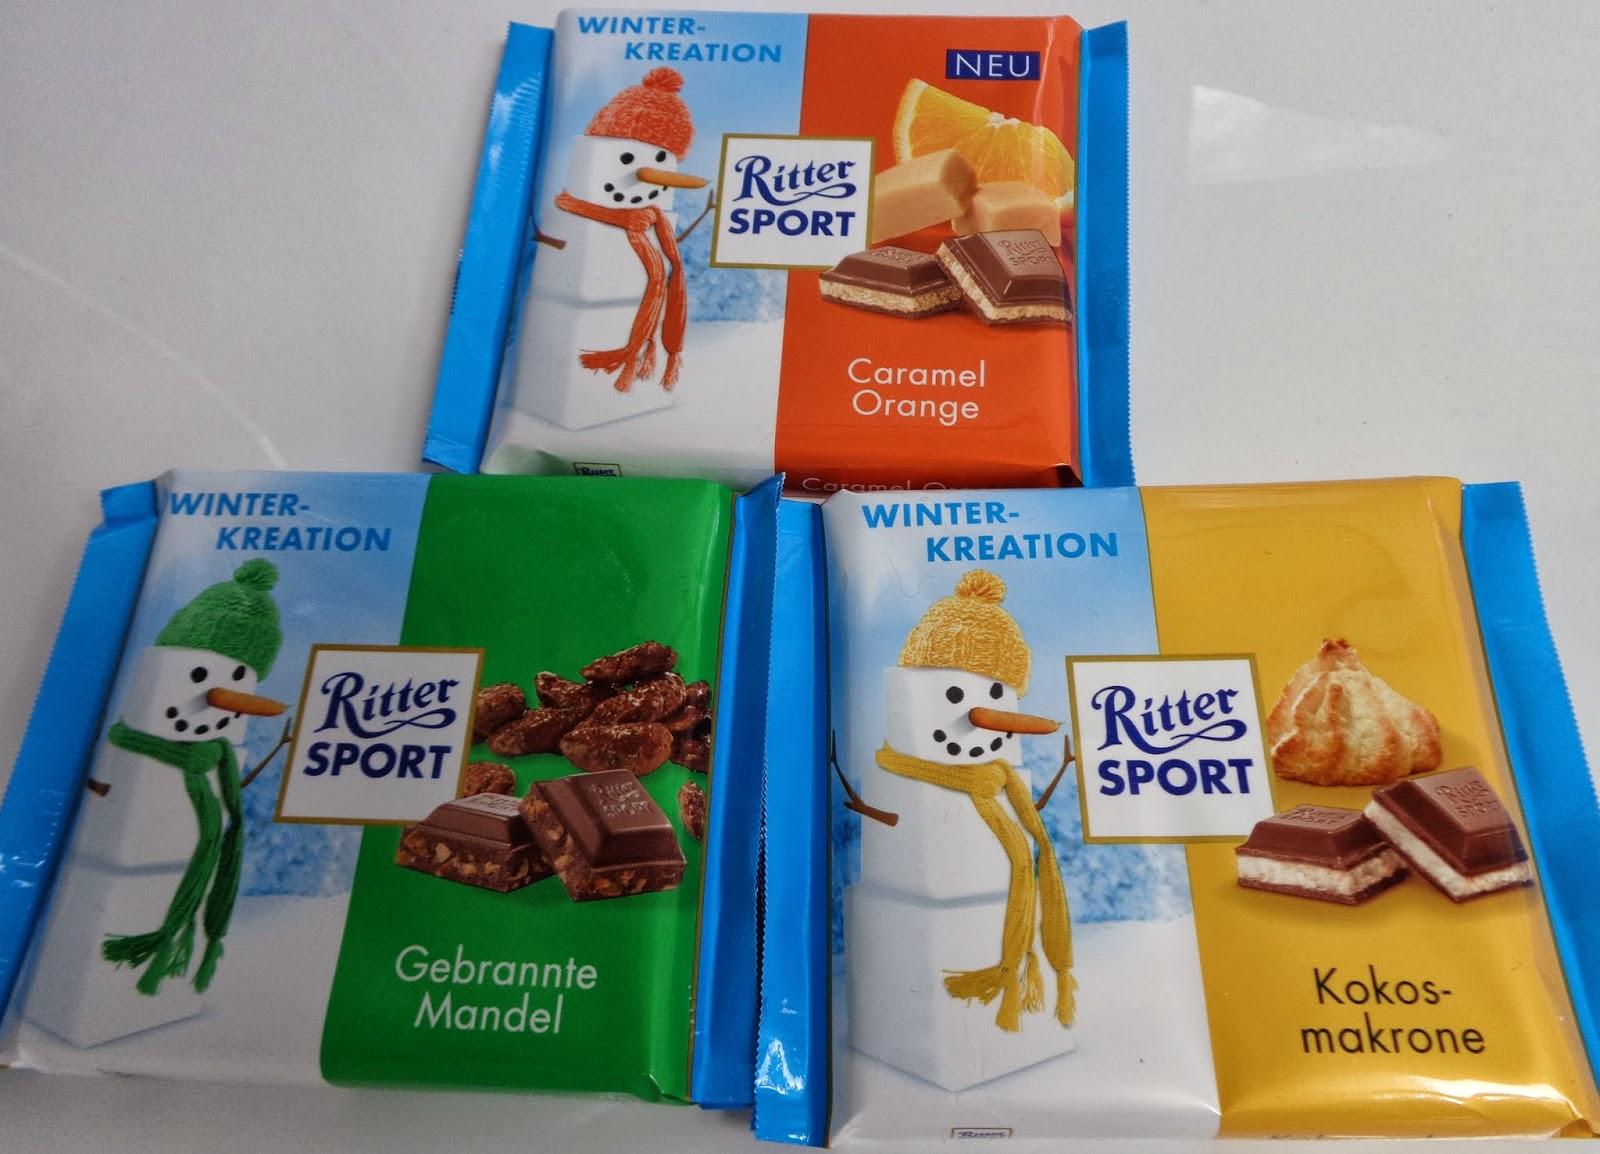 Ritter Sport Wintersorten; Kokosmakrone; Caramel Orange; Gebrannte Mandel